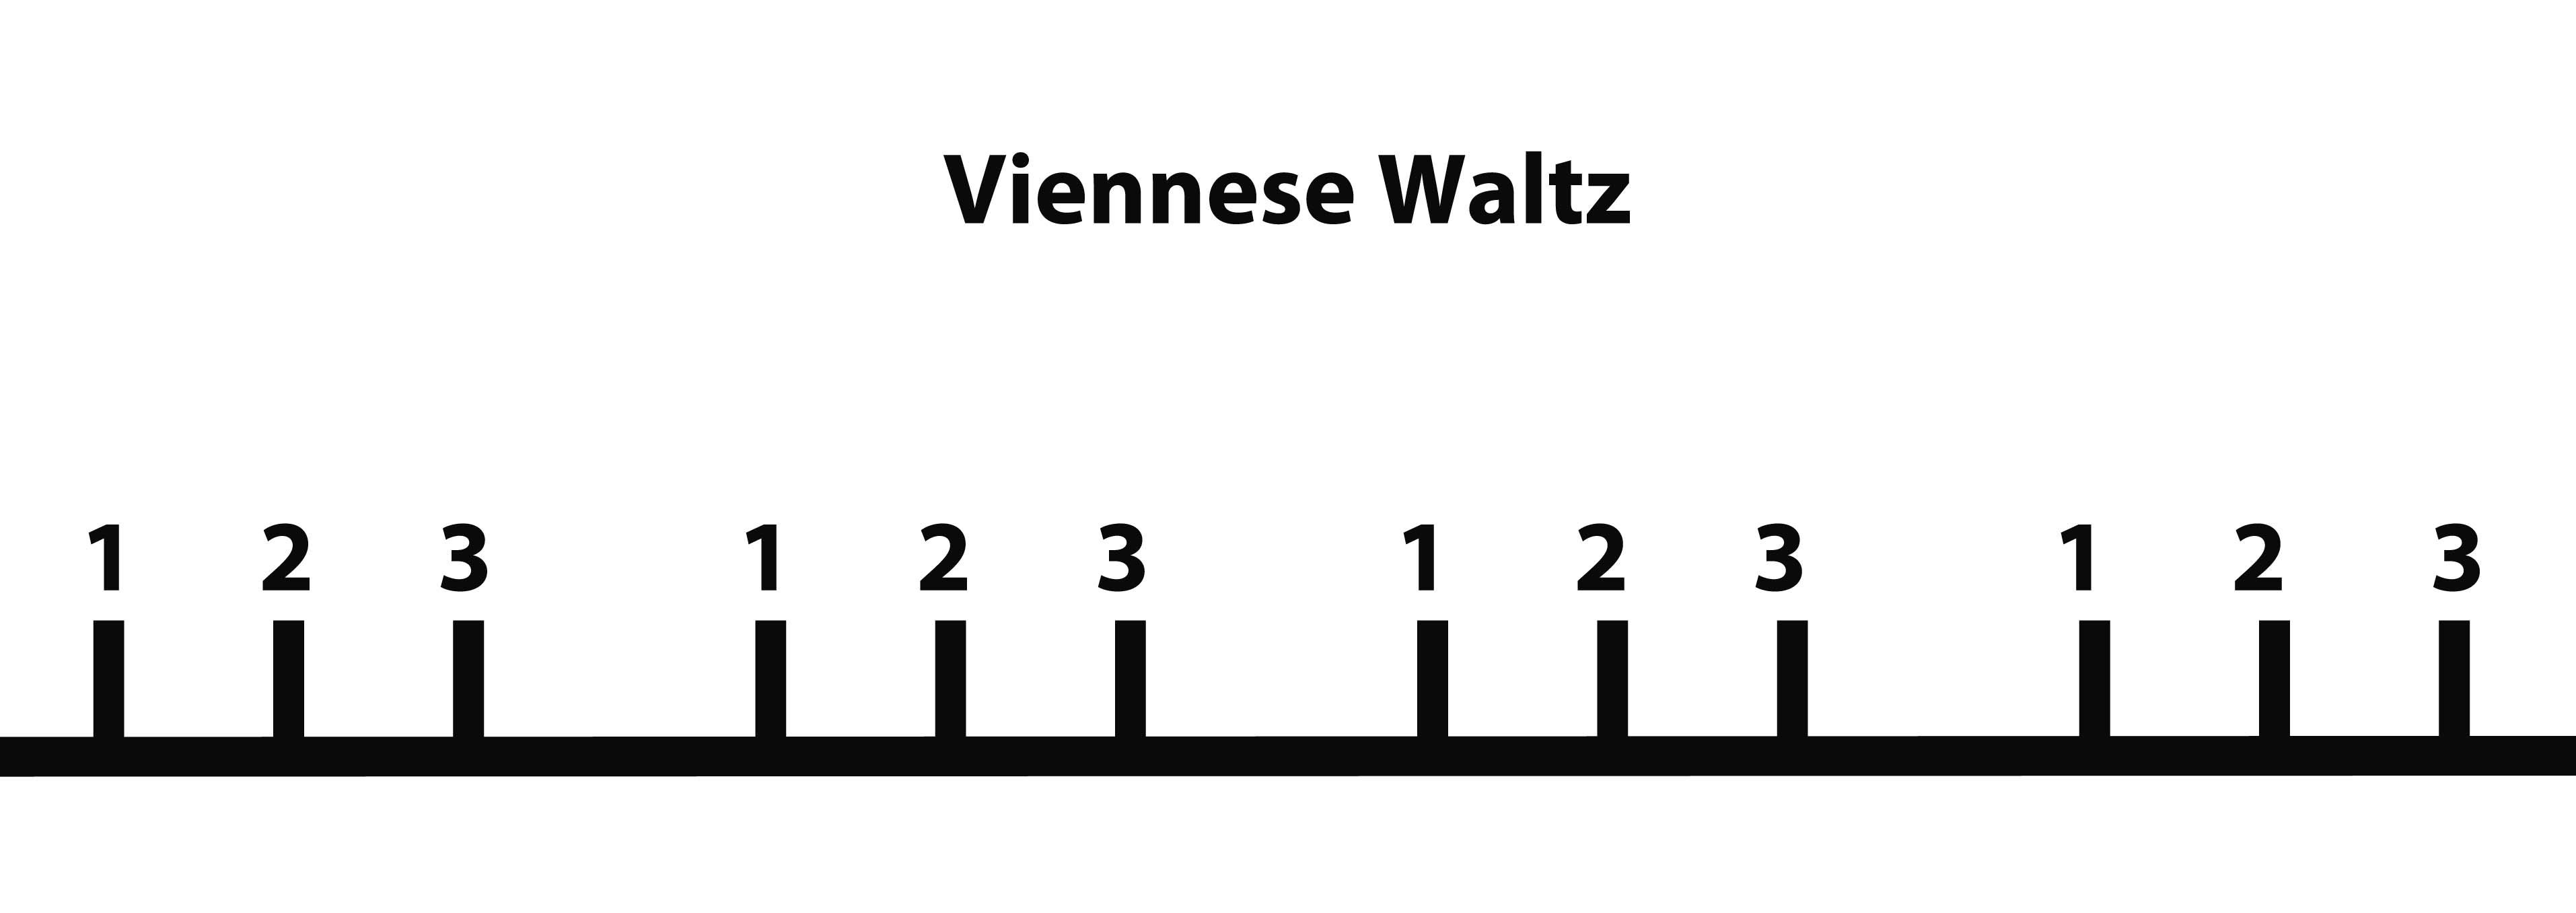 Viennese vals rhythm